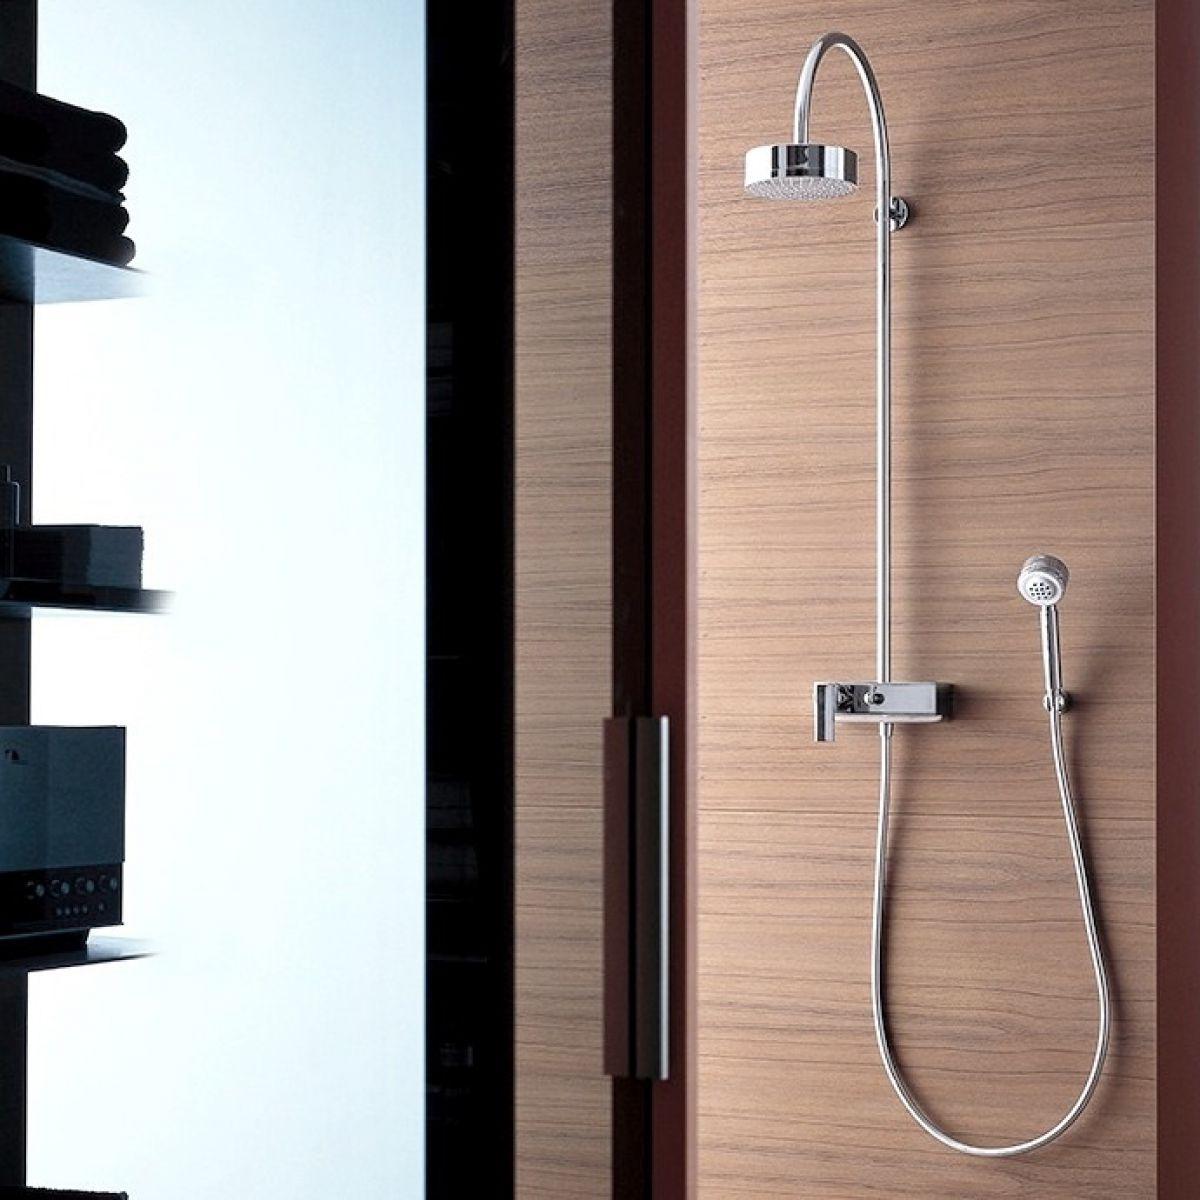 Axor Citterio Showerpipe Uk Bathrooms